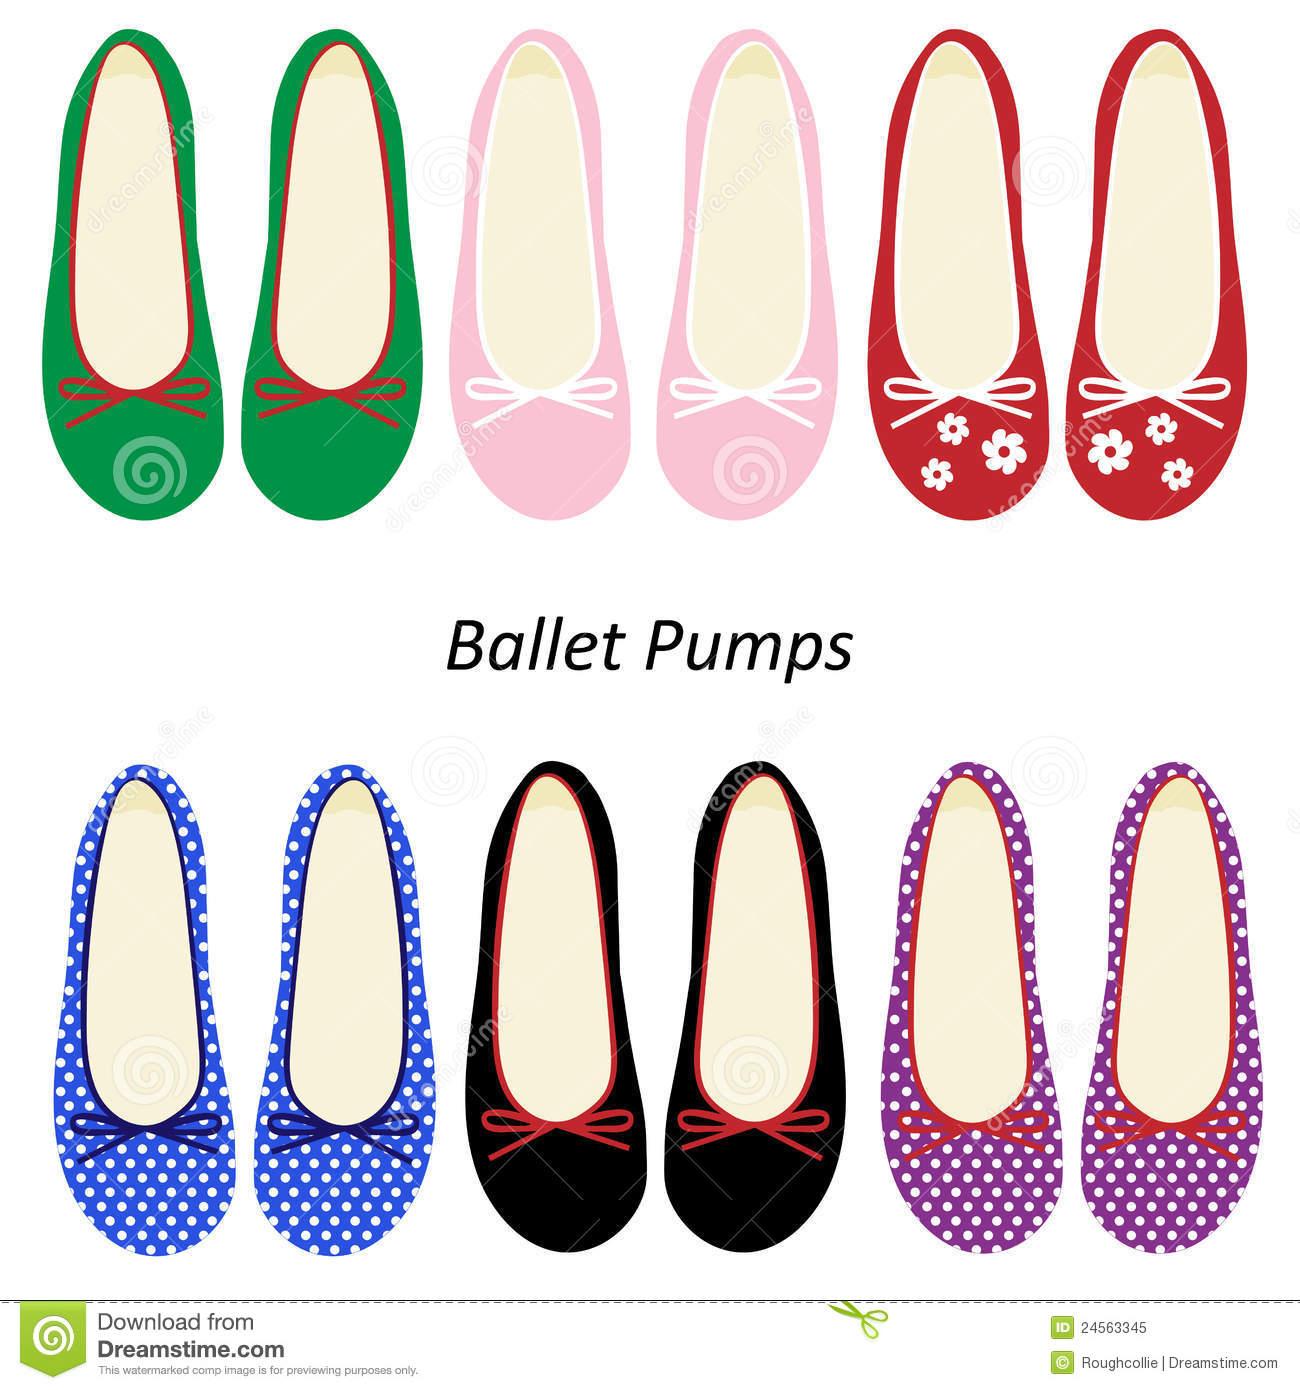 Shoe clipart flat shoe Images Shoes Panda Womens Clipart